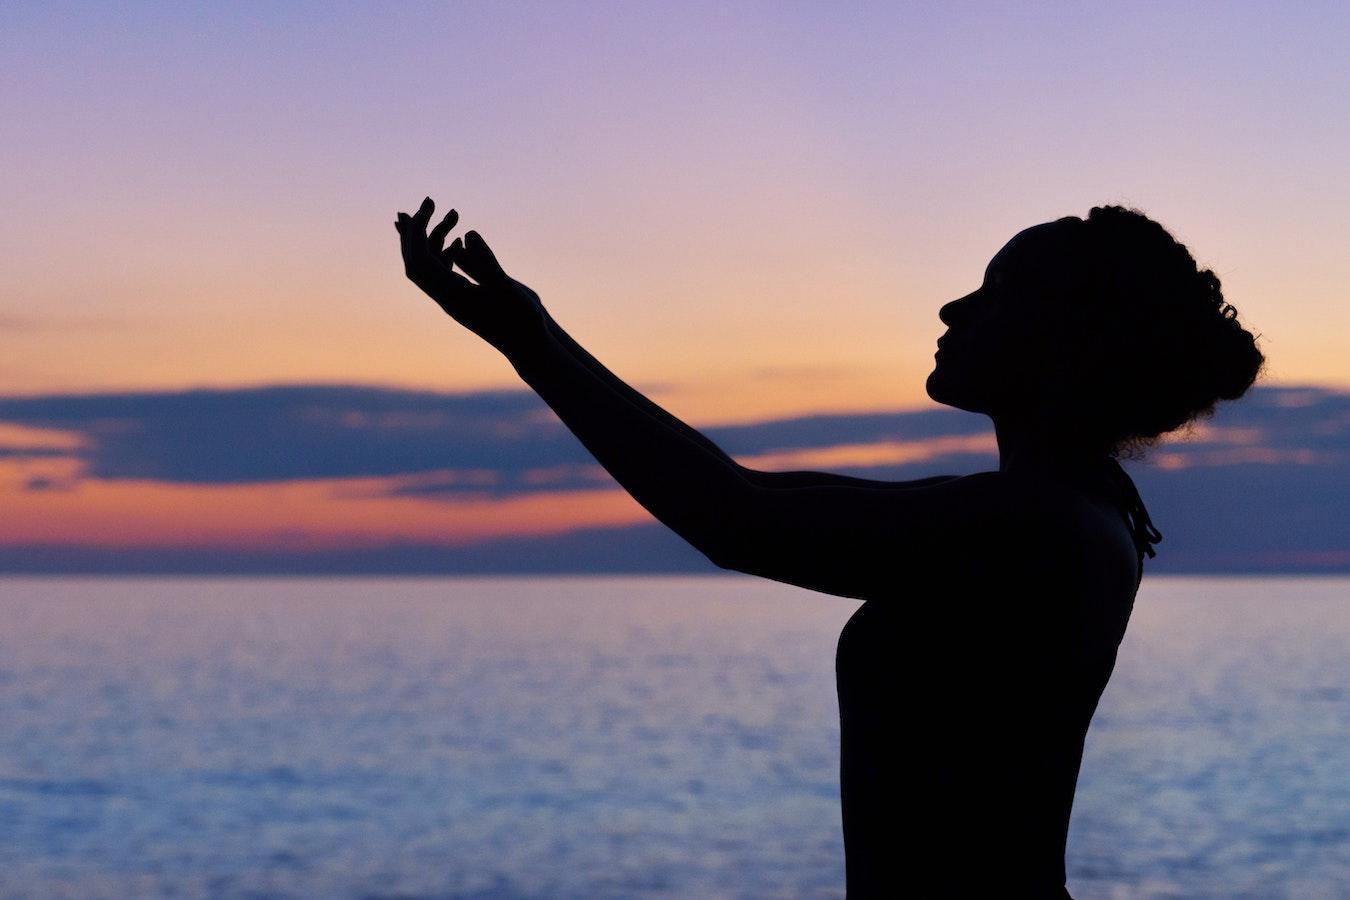 Schatten einer jungen Frau vor dem Sonnenuntergang, die ihre Arme ausstreckt - Energie, Heilung